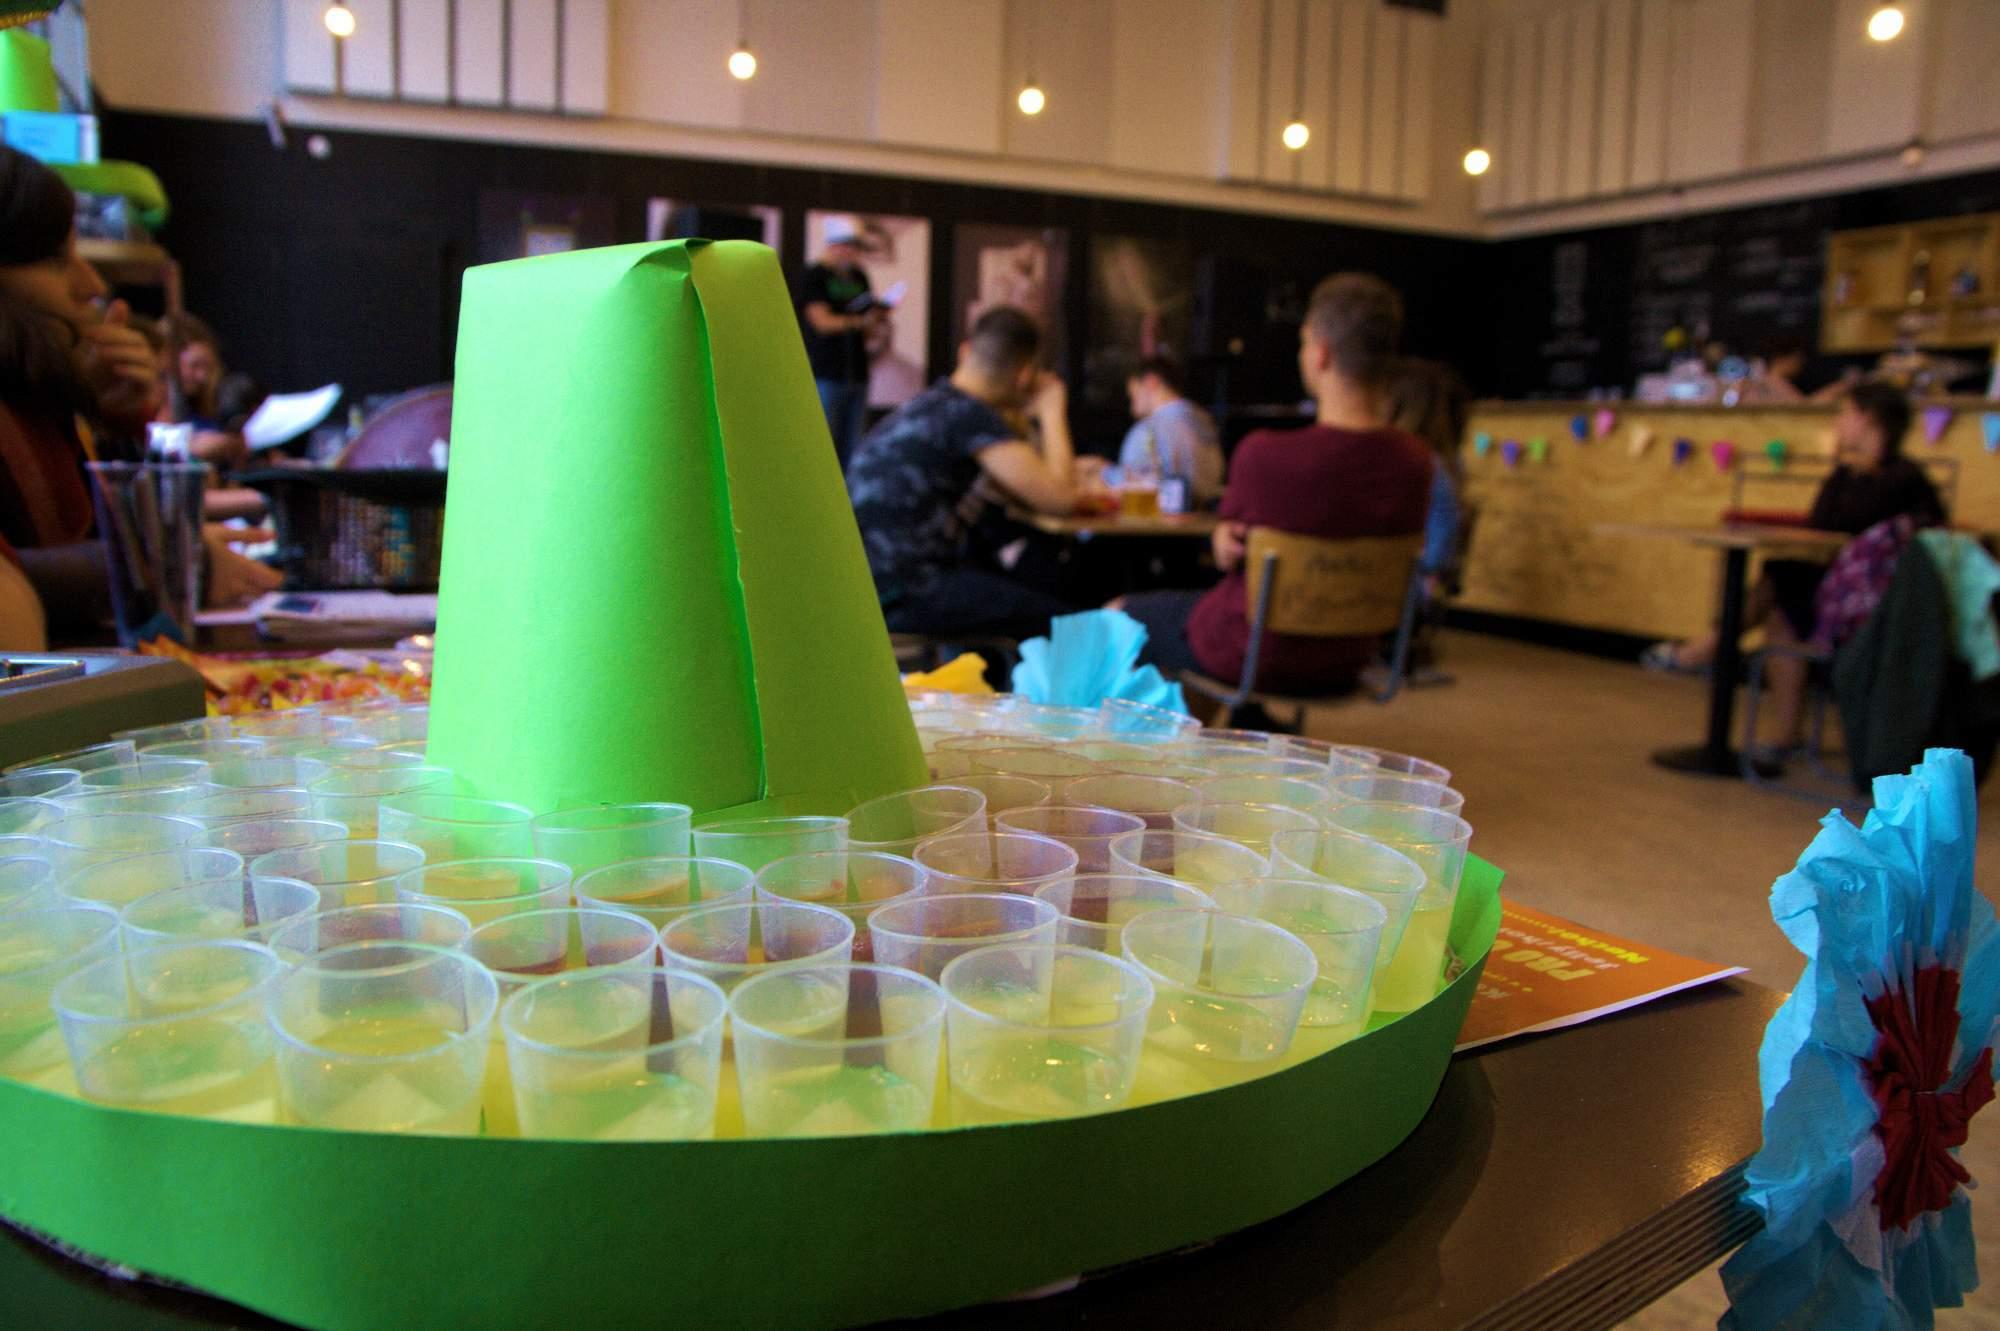 Hned u vstupu si mohli návštěvníci zakoupit želé panáky – jellyshoty. Foto: Martina Hykšová